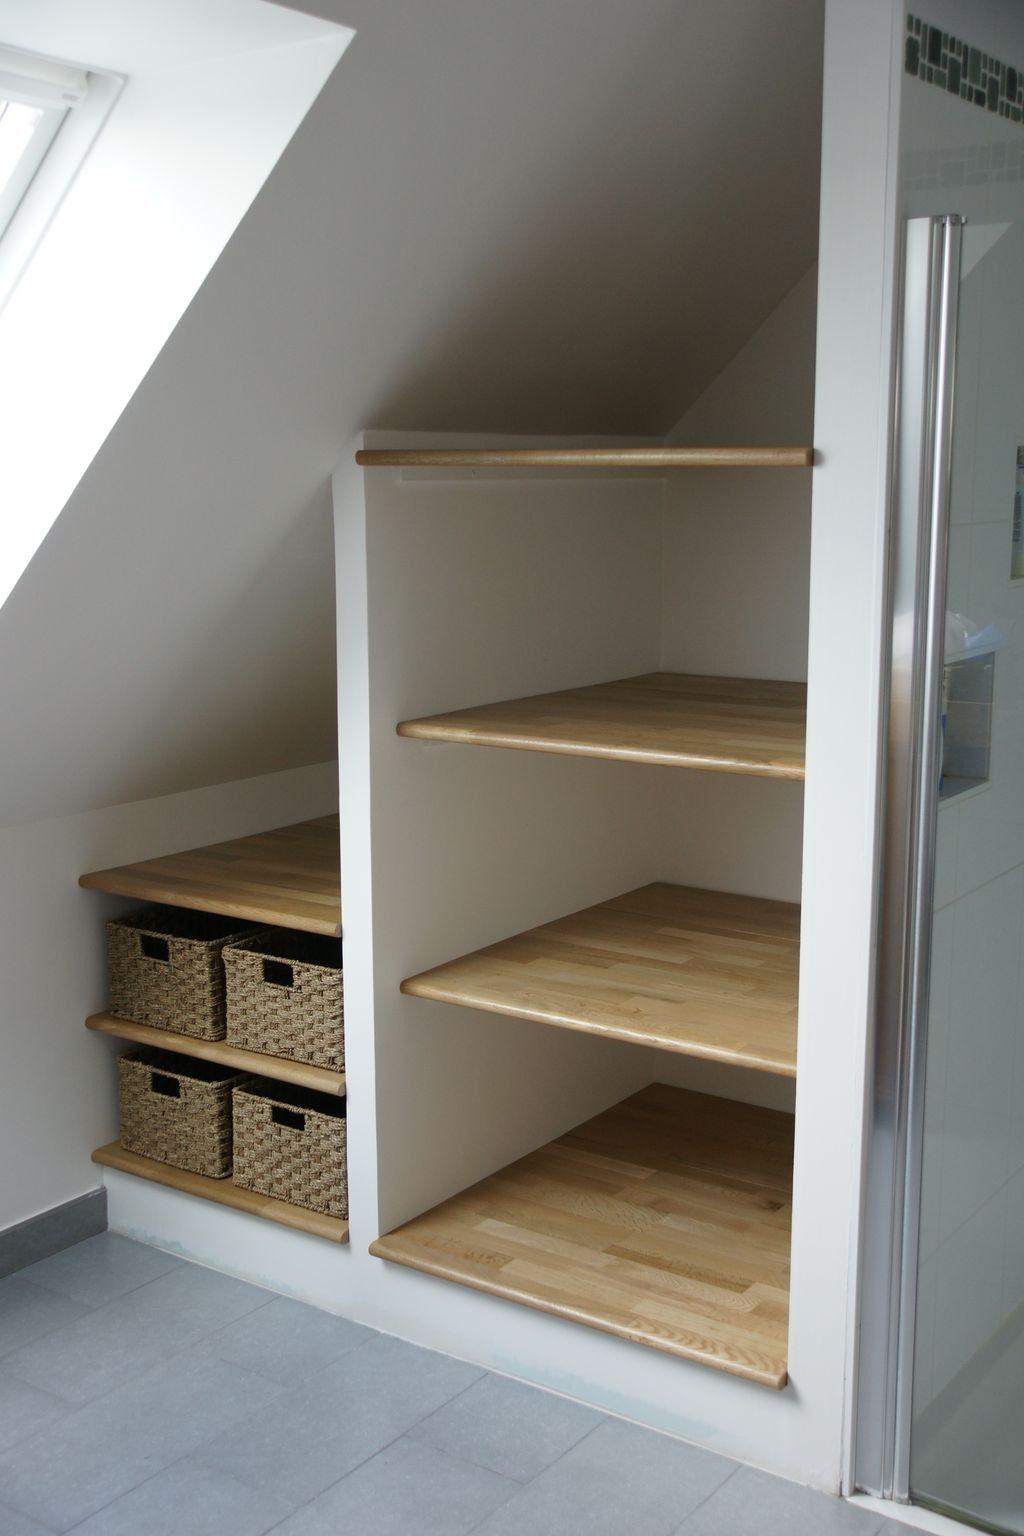 Je l'ai recoupée pour l'adapter à la hauteur disponible sous la pente du toit et l'ai fixée au côté d'une. Amenagement Placard Sous Pente Ikea Pr39 Loft Storage Understairs Storage Stair Storage